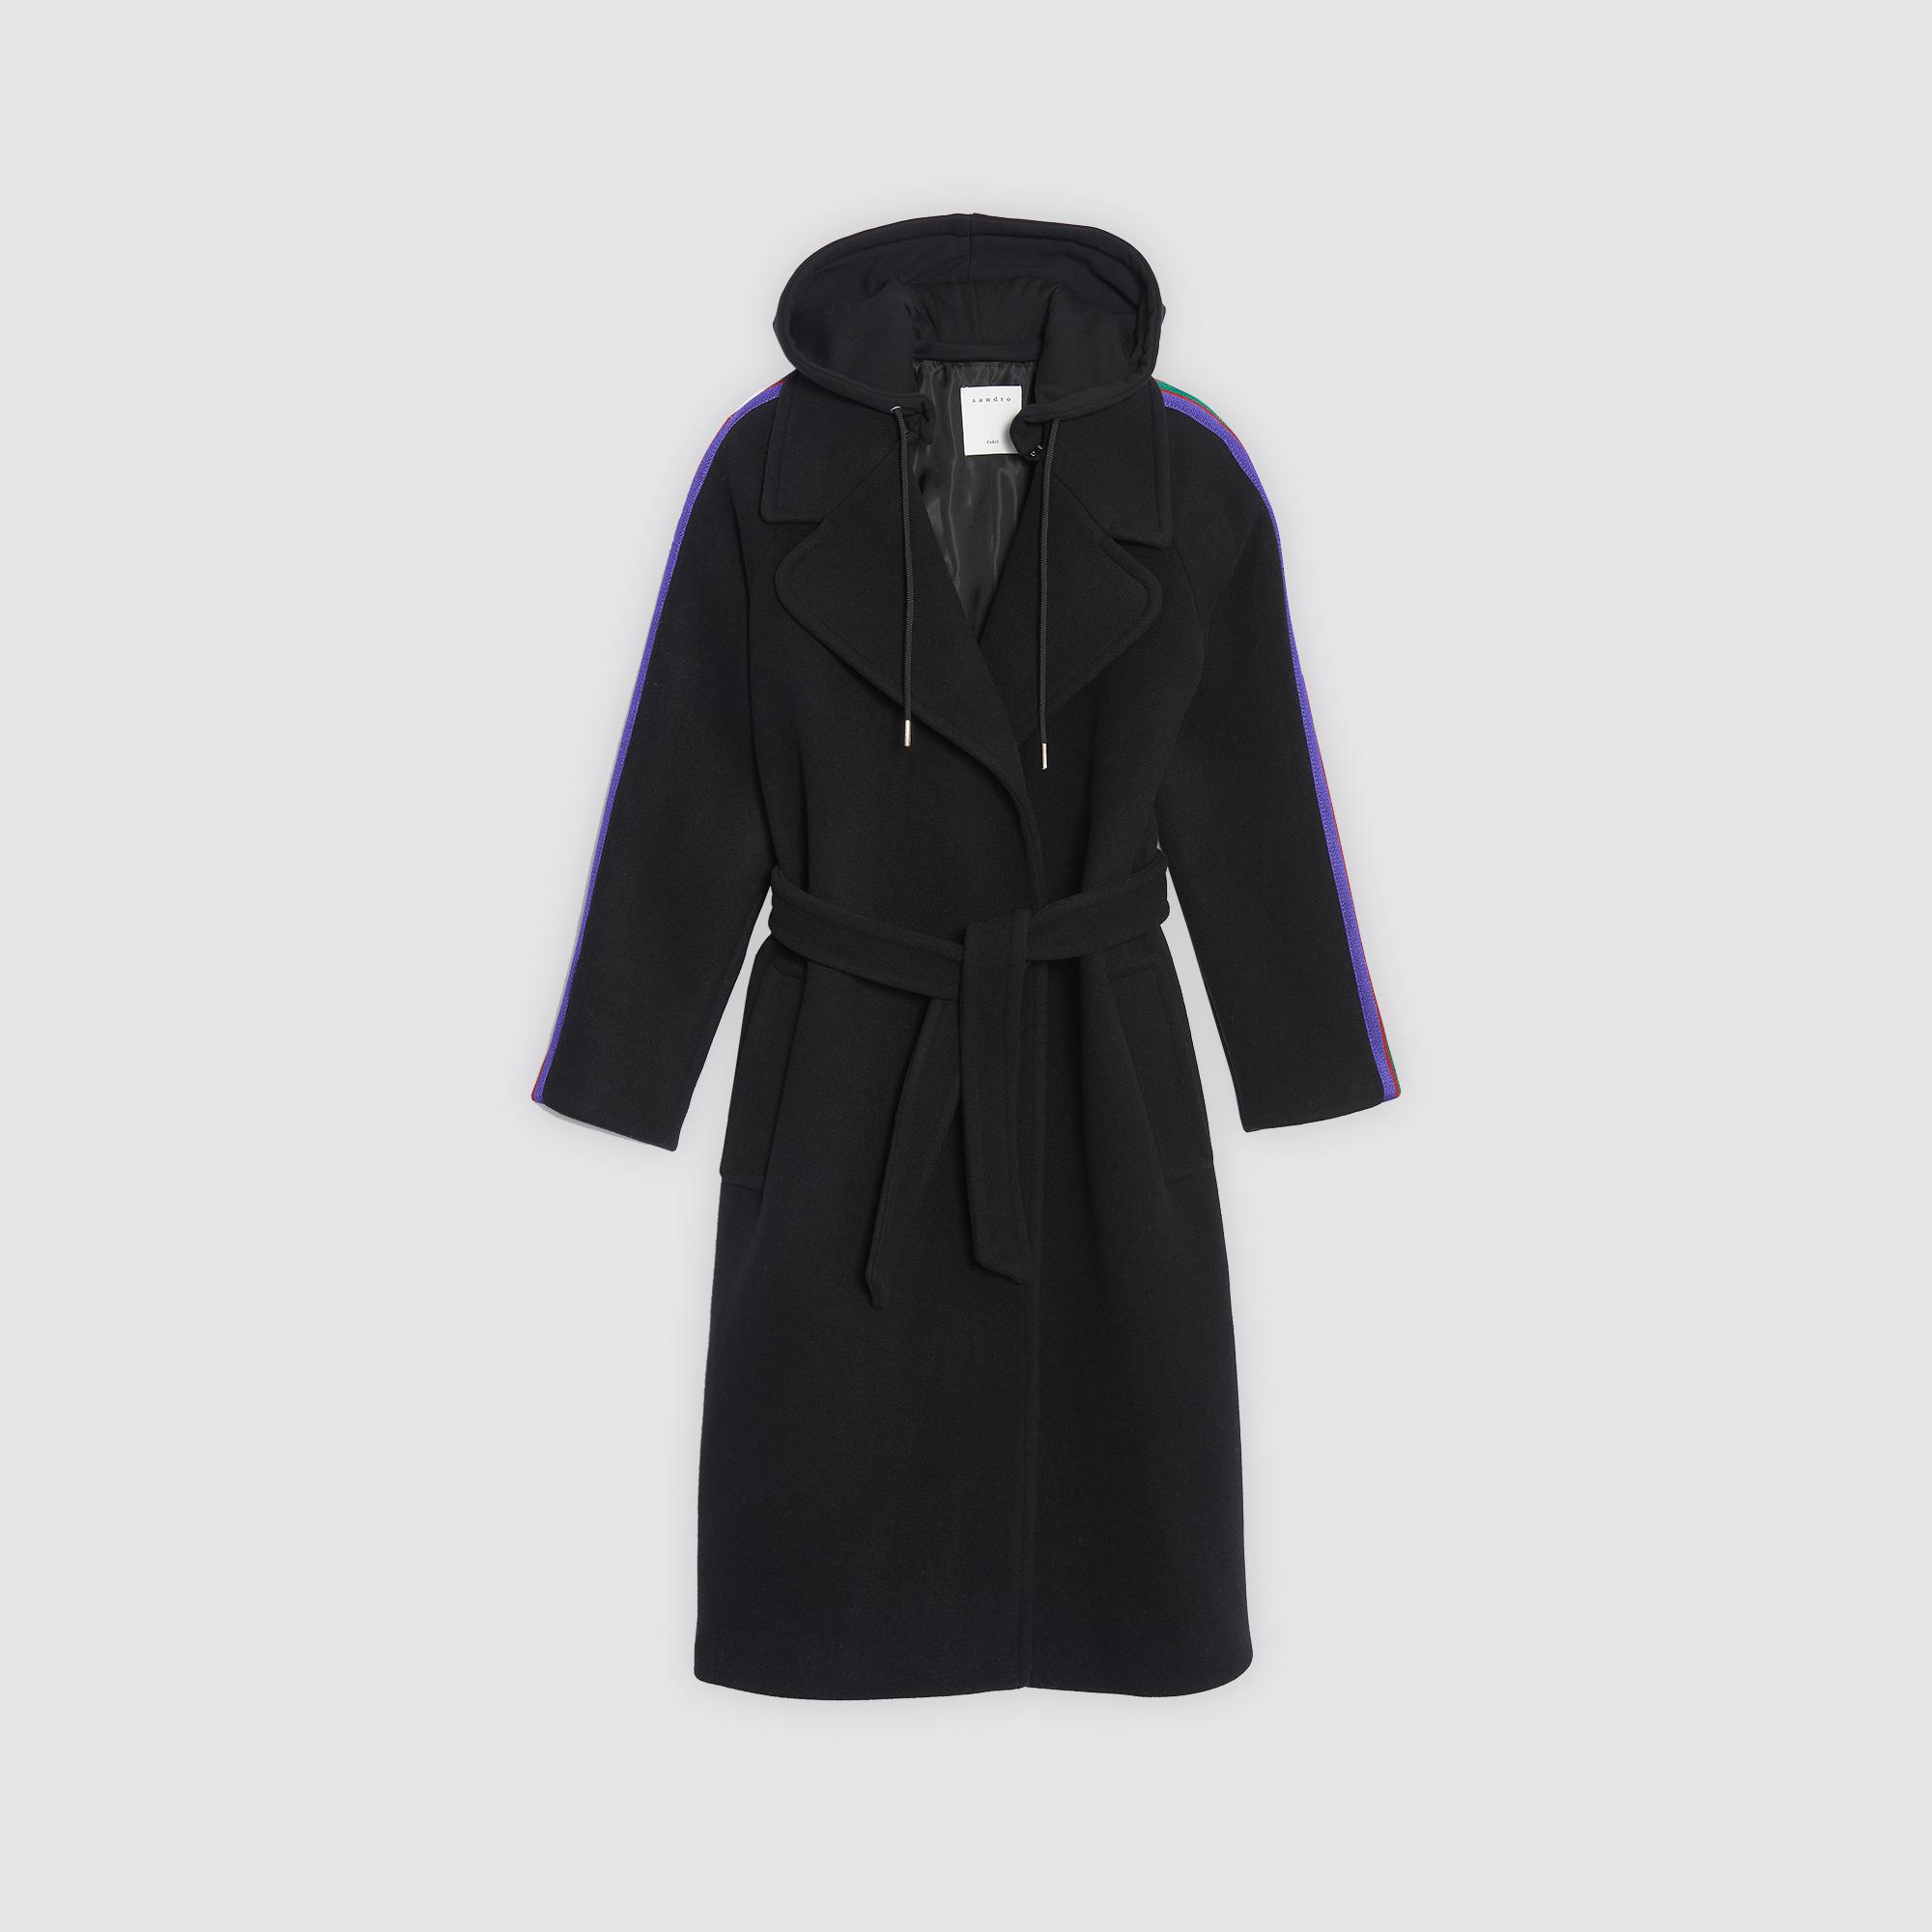 Manteau a capuche femme noir